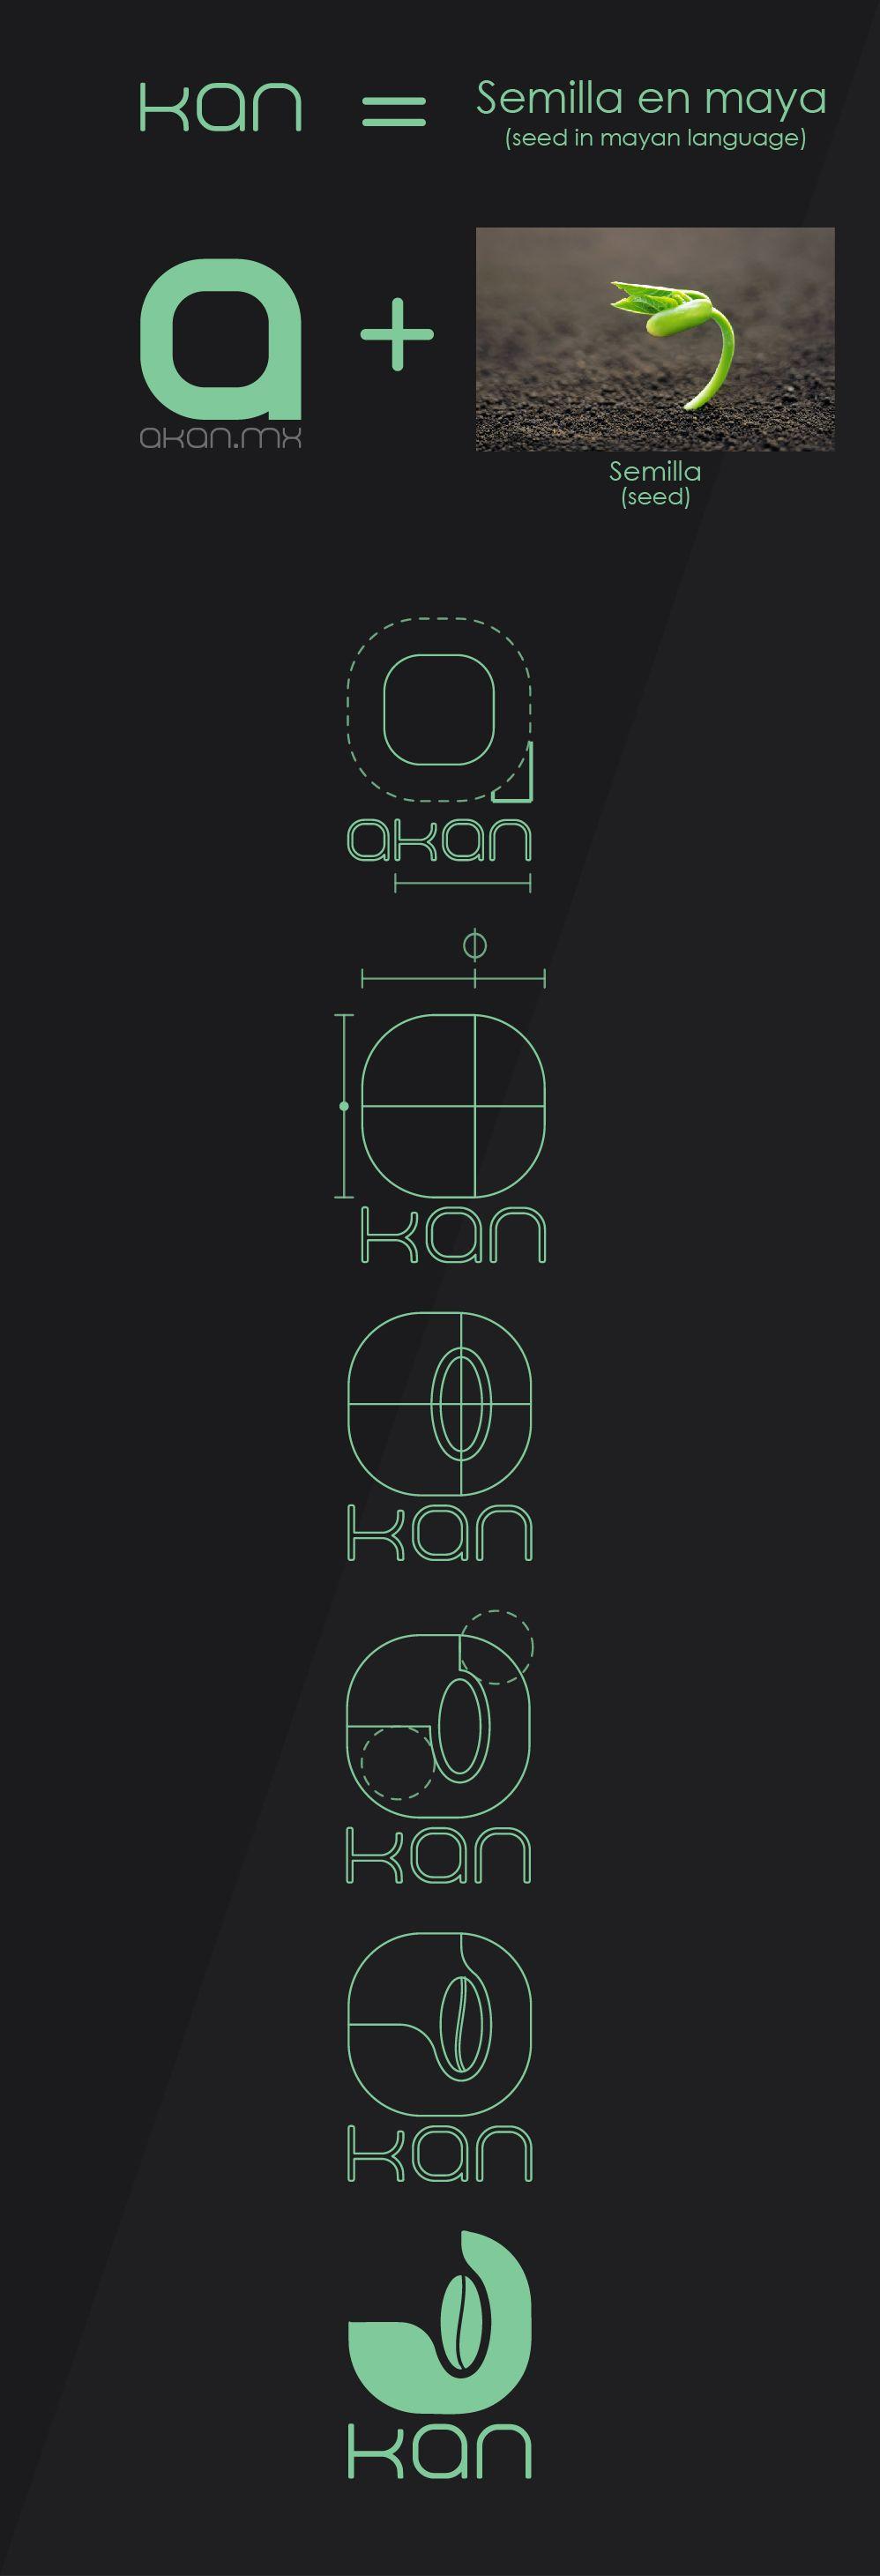 Checa el trabajo en nuestro perfil de  Behance! https://www.behance.net/gallery/17060681/Logo-Kan